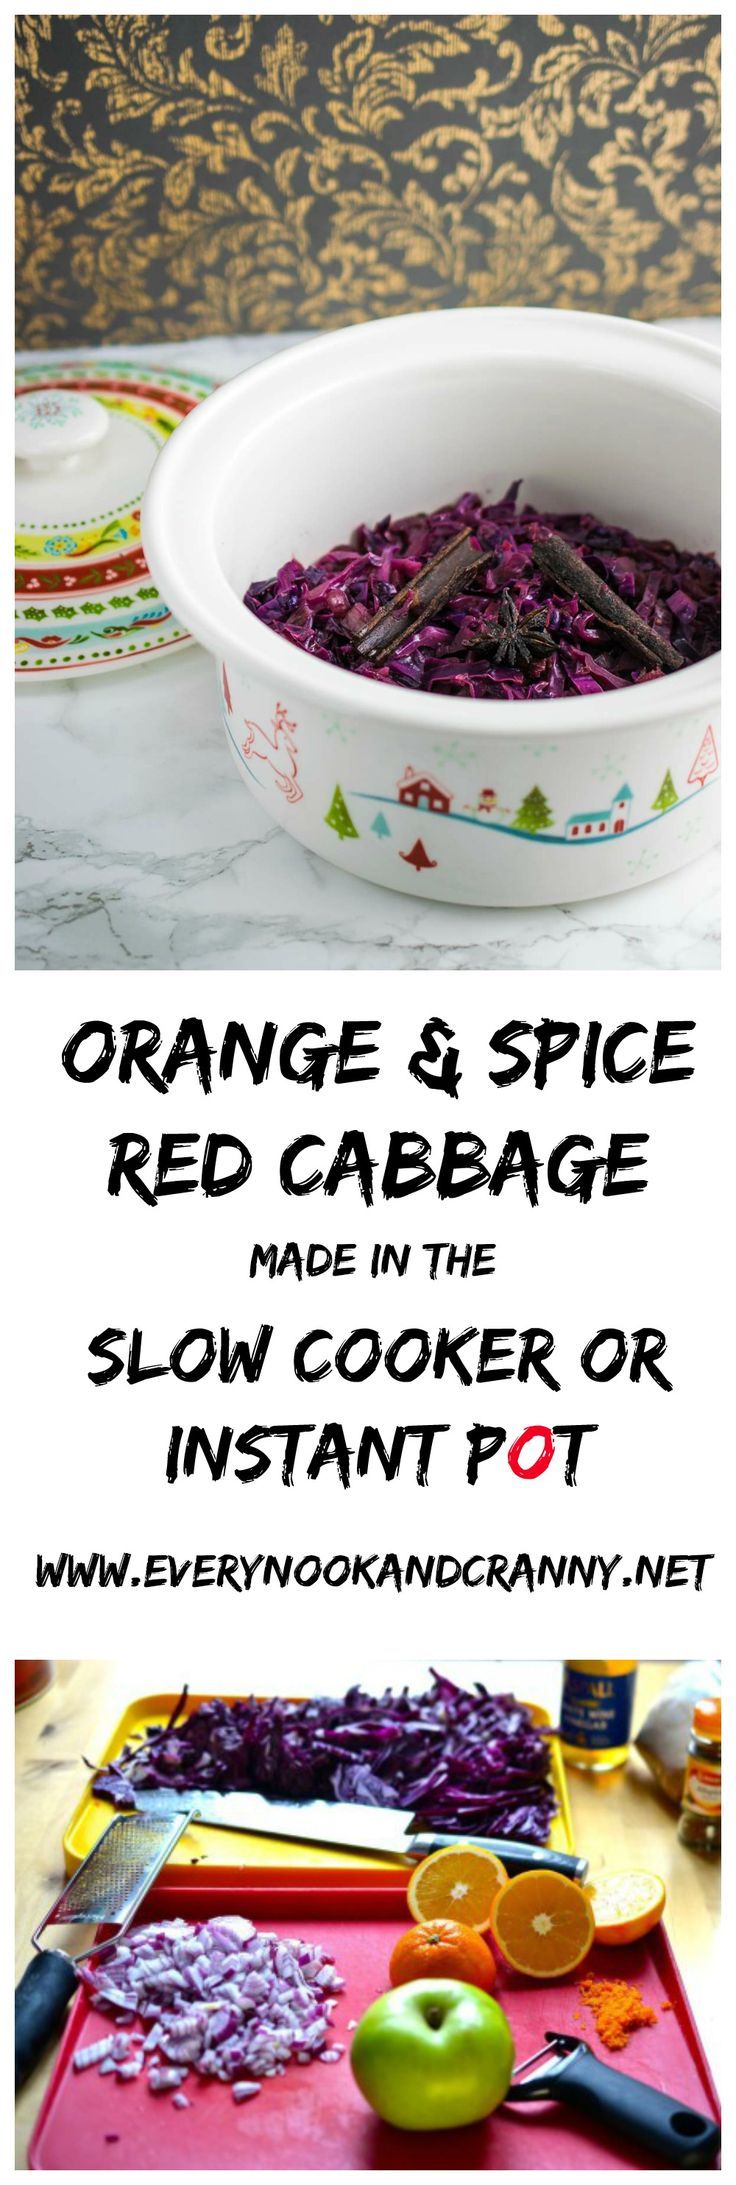 orange-spice-braised-red-cabbage